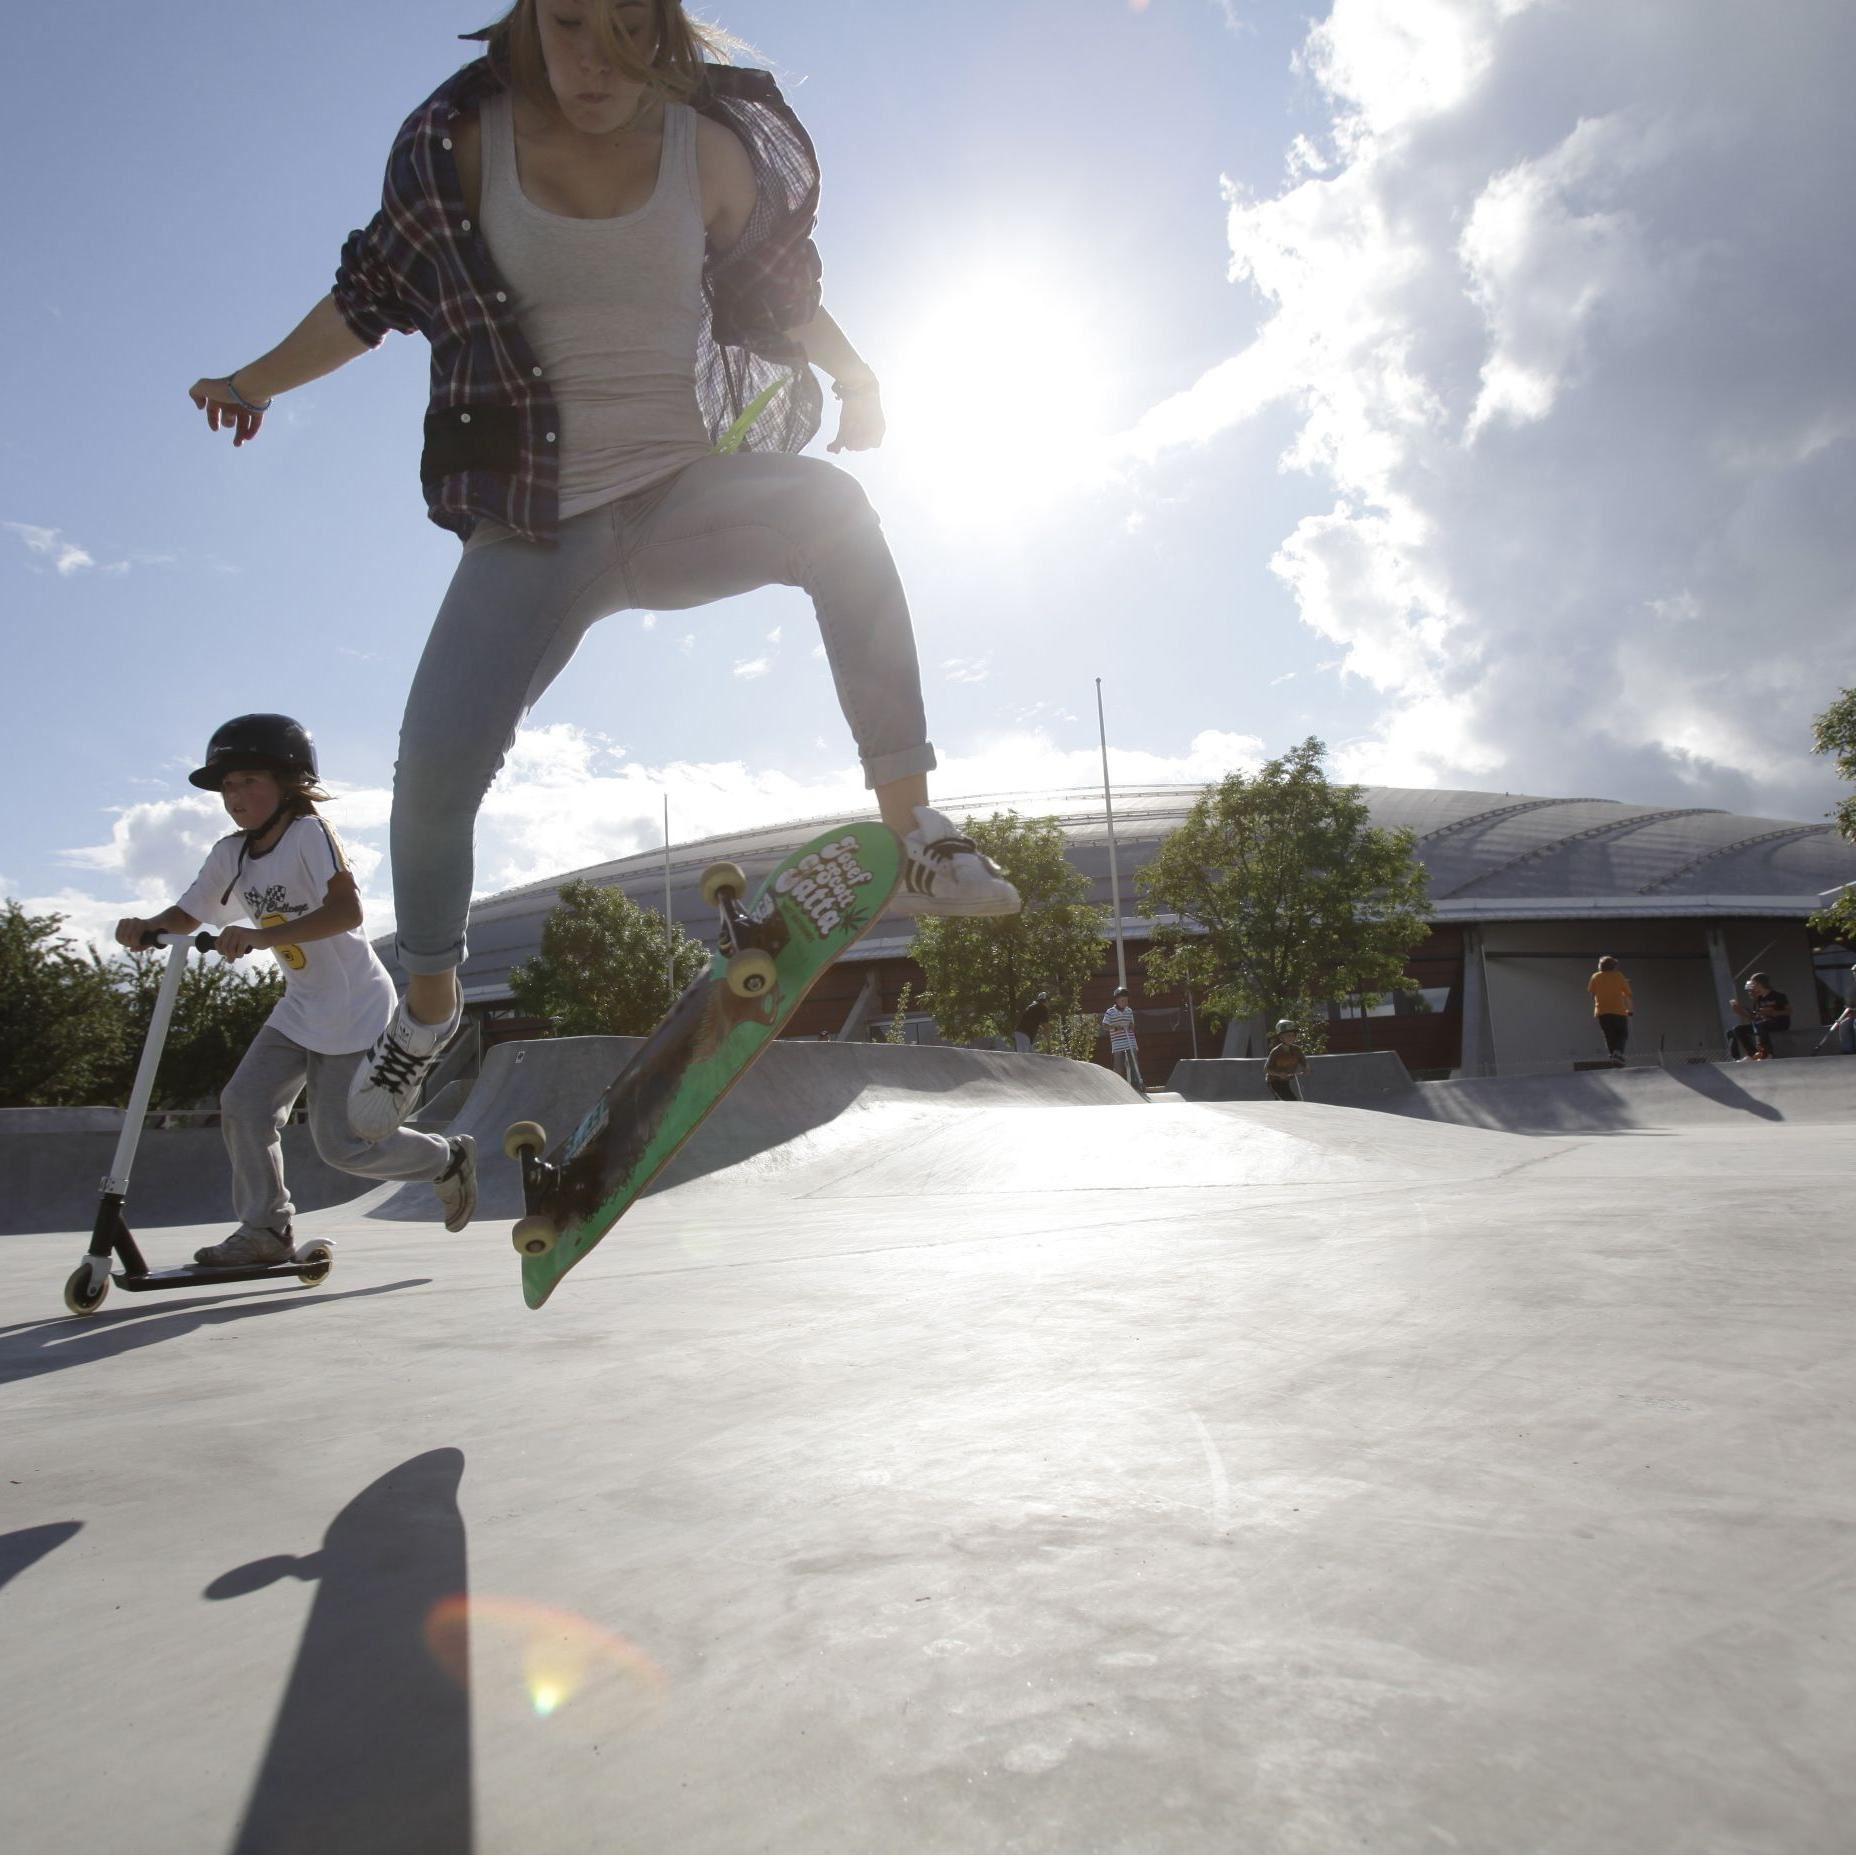 Sandvikens Skatepark